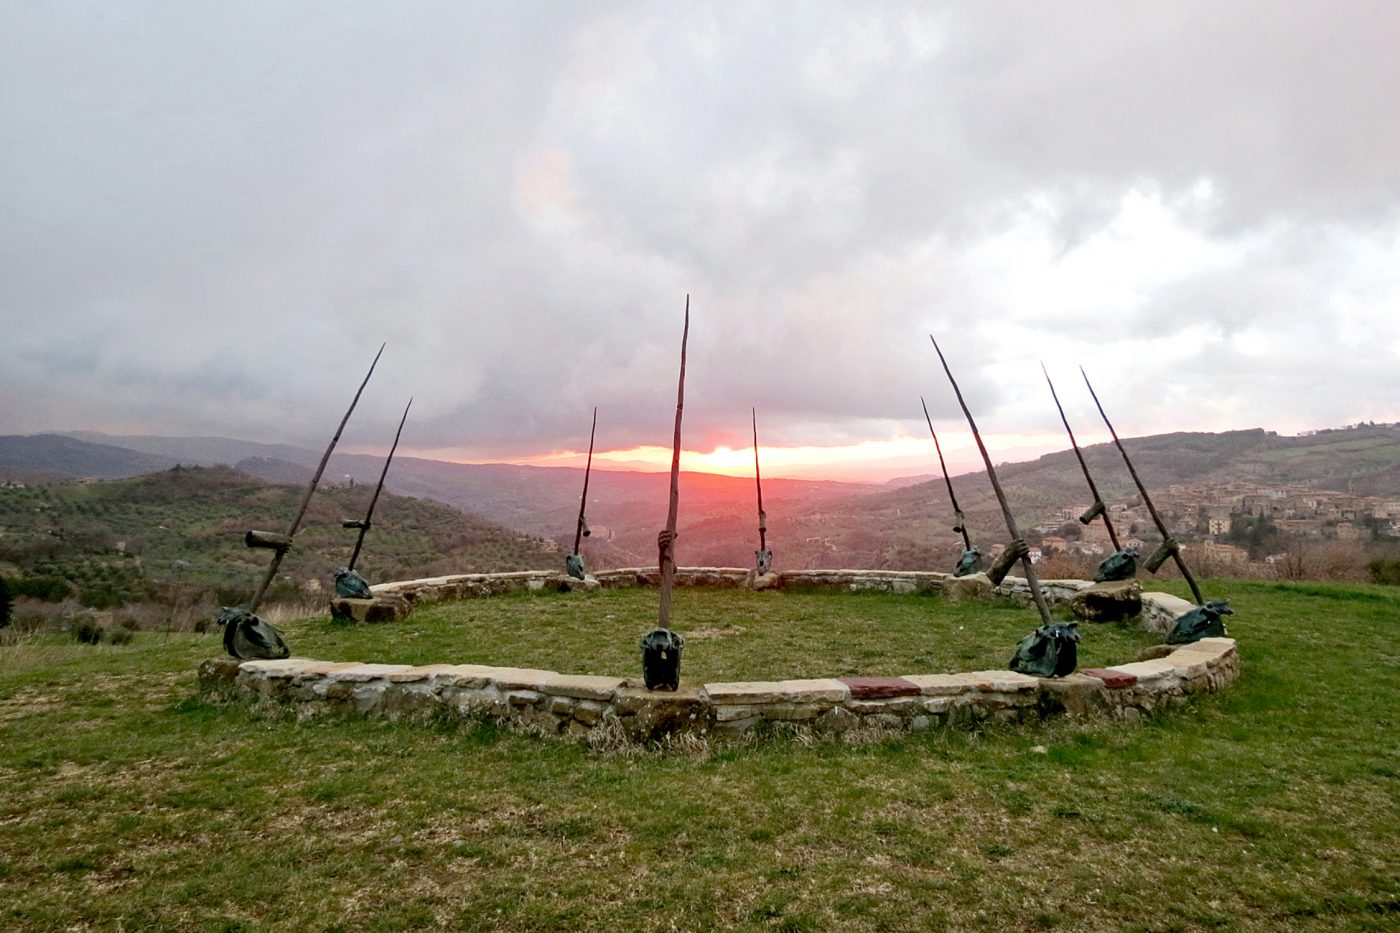 Daniel Spoerri, Landschaft im Skulpturengarten Seggiano, Italien 3